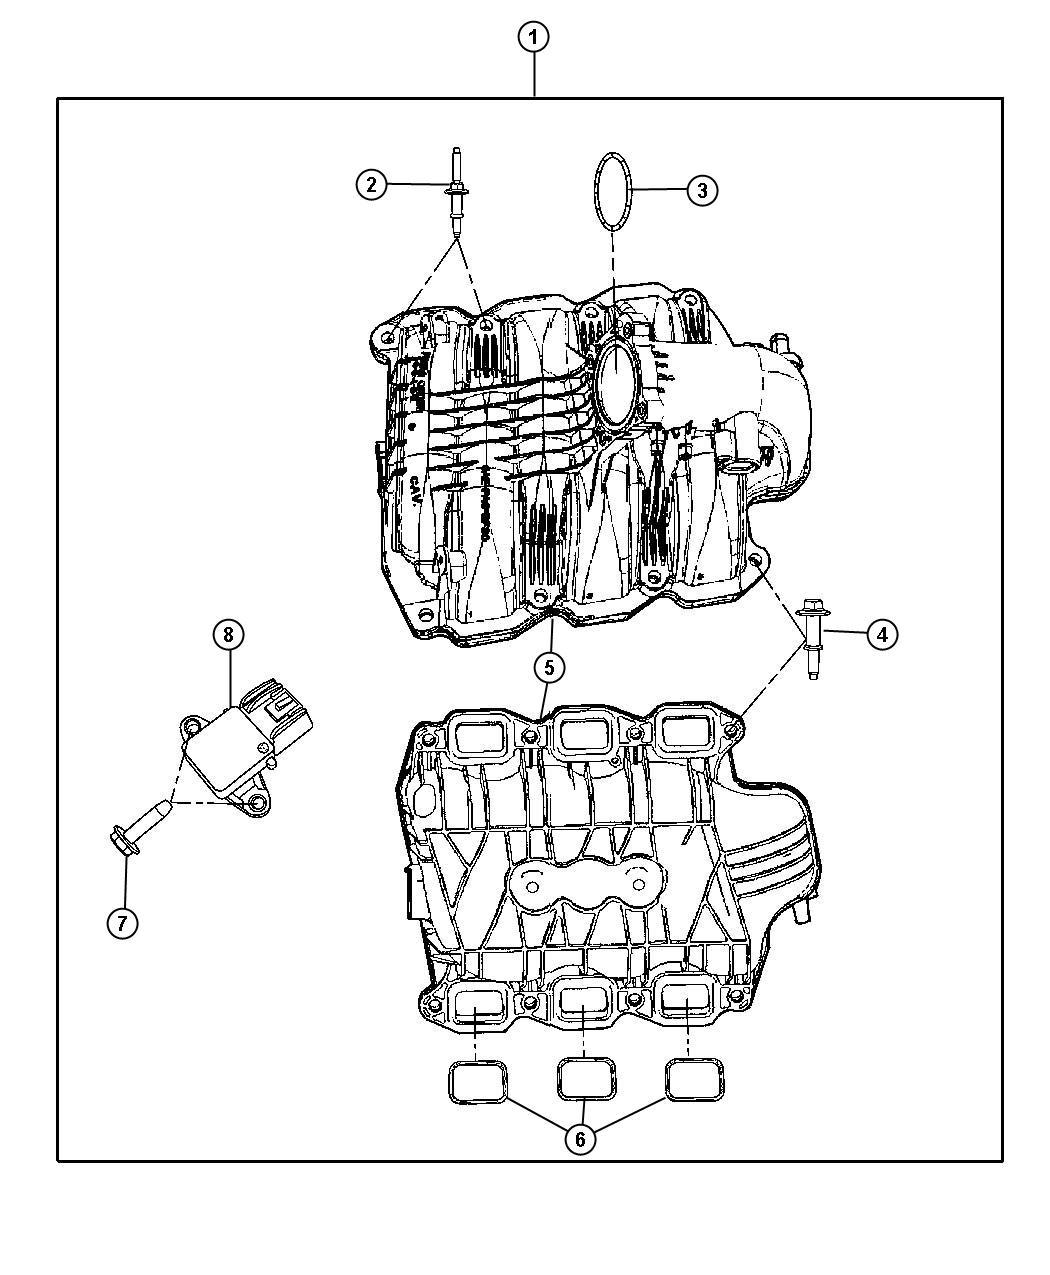 Dodge NITRO Manifold, manifold kit. Engine intake, intake